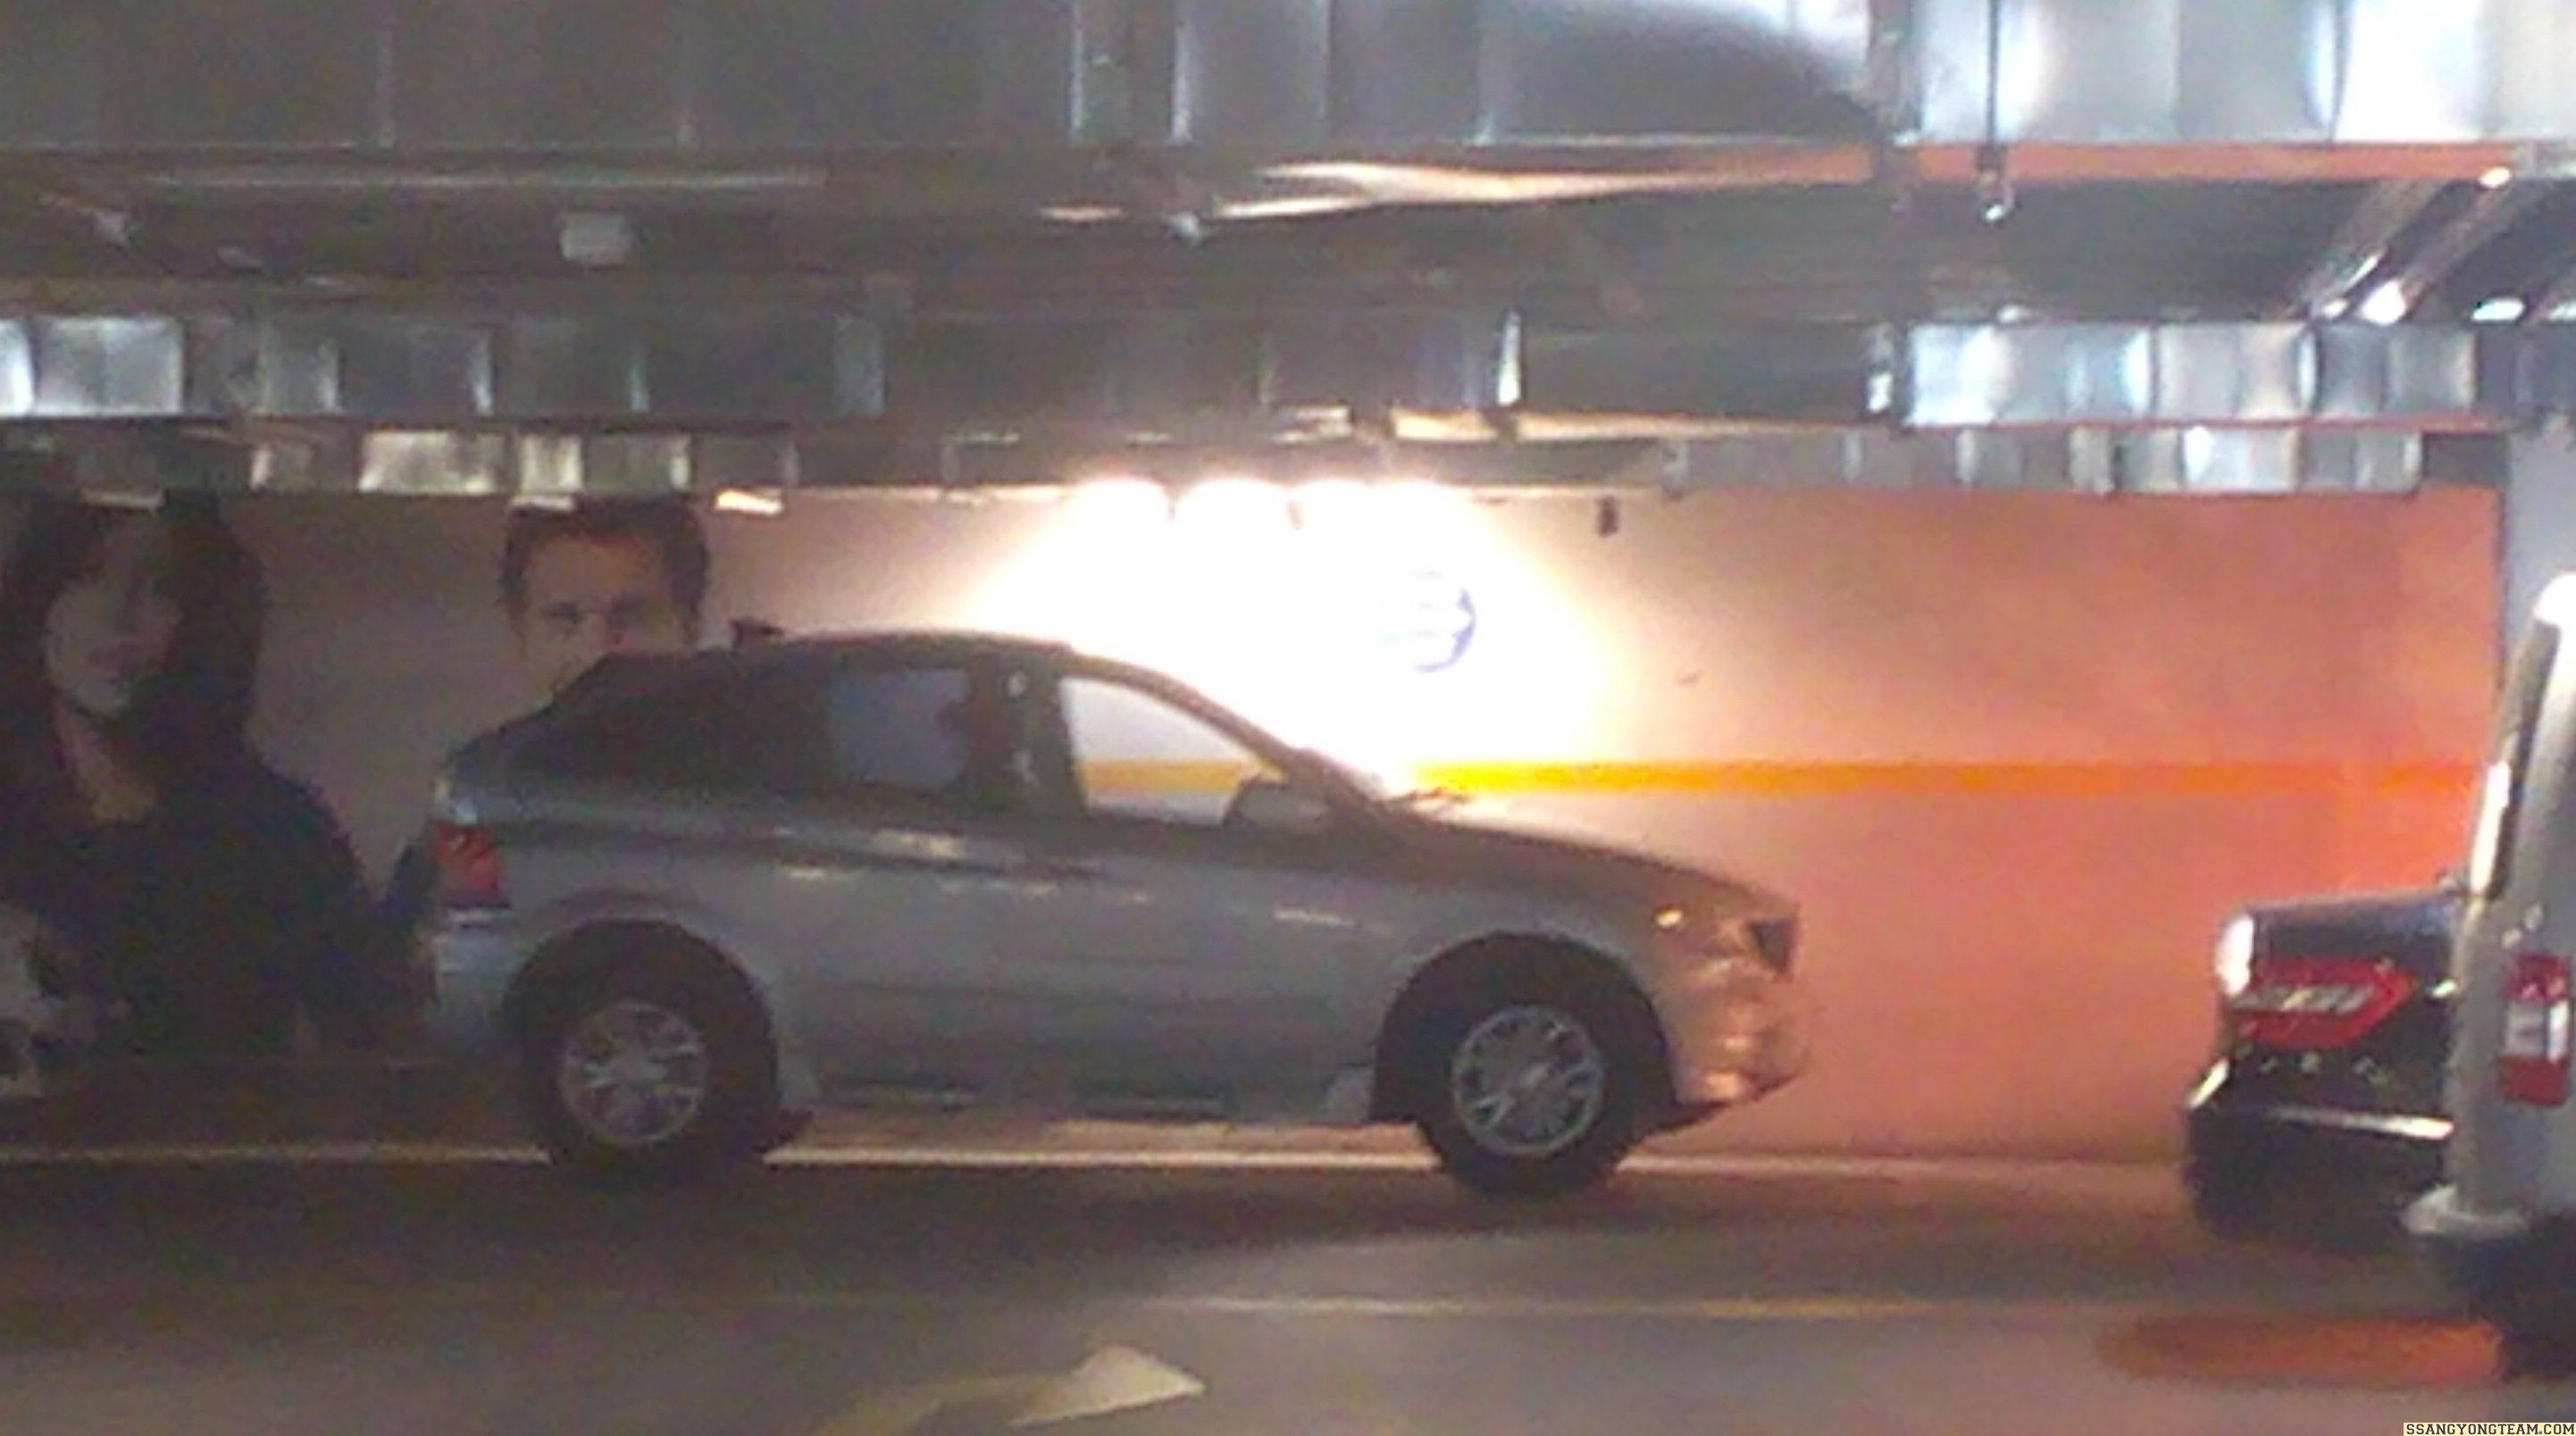 img20160216104237 5753eb65719cc - SsangYong Araçlarımızın Güzel Resimleri